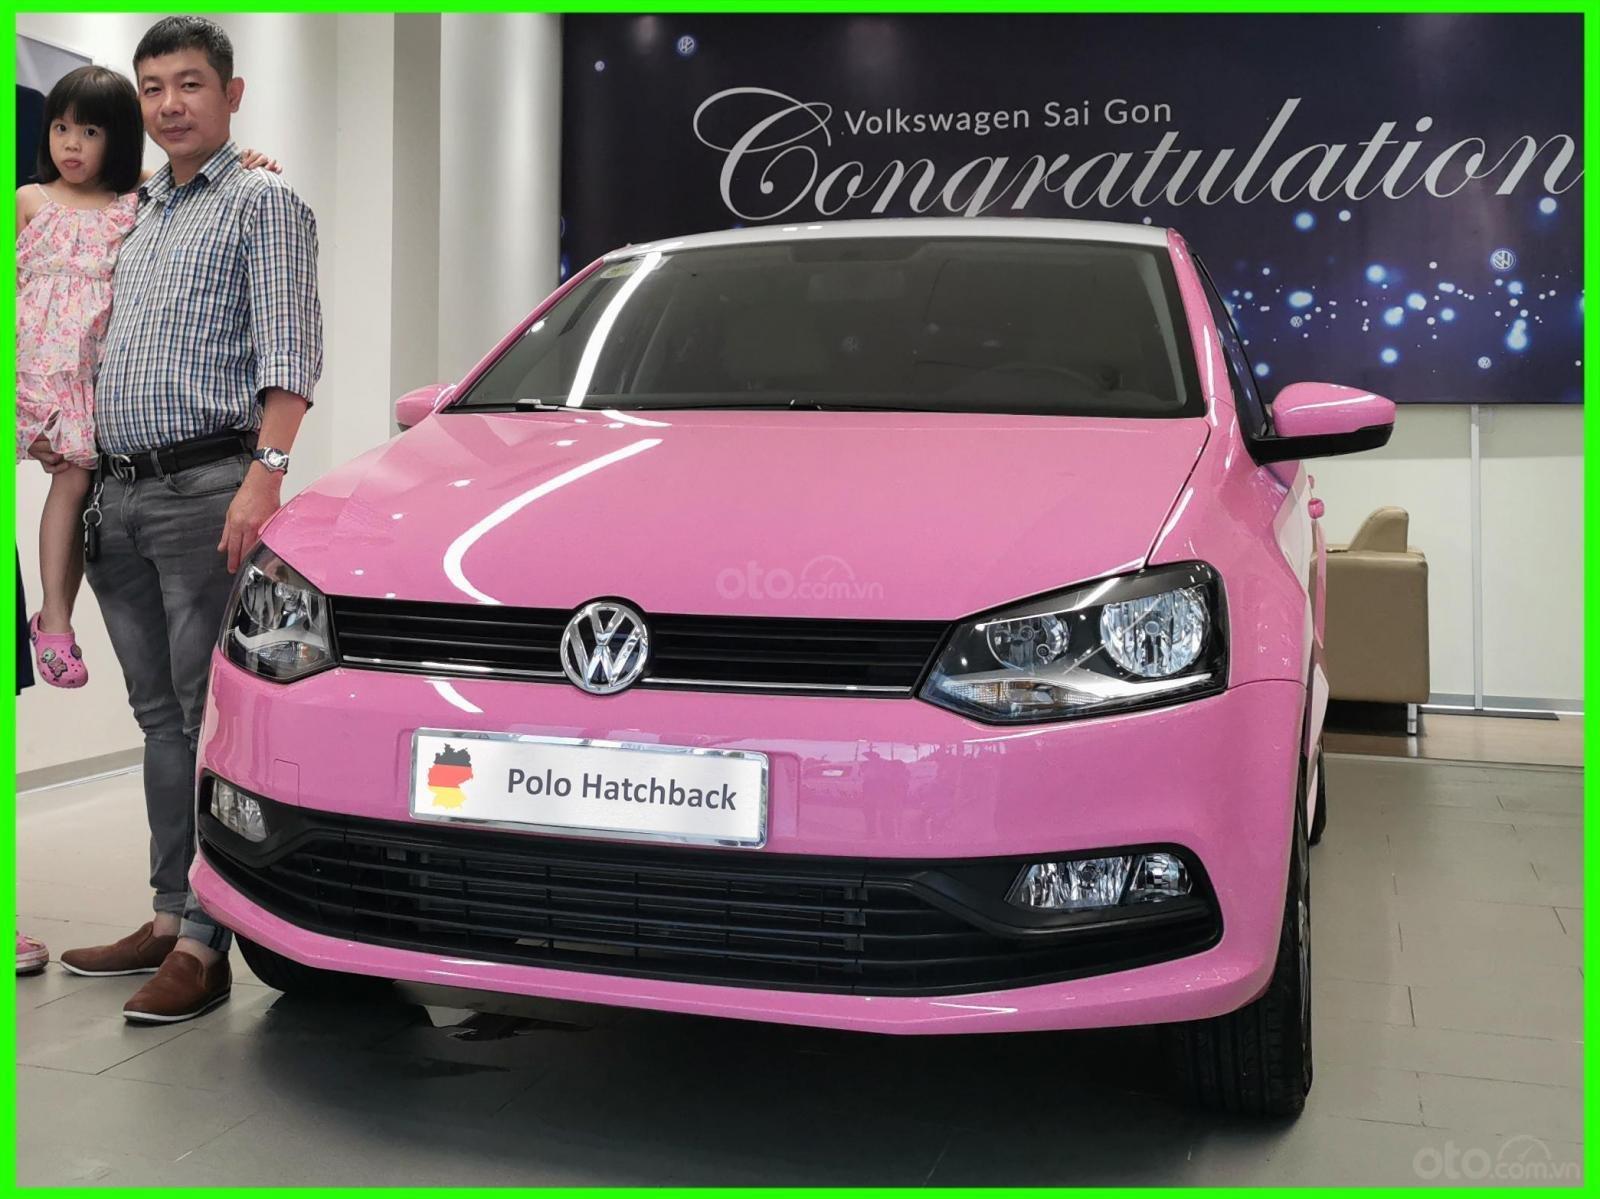 Hôm nay giá lăn bánh & khuyến mãi xe polo Hatchback màu hồng tiếp tục giảm sâu, liên hệ Mr Thuận để biết giá tốt nhất (1)